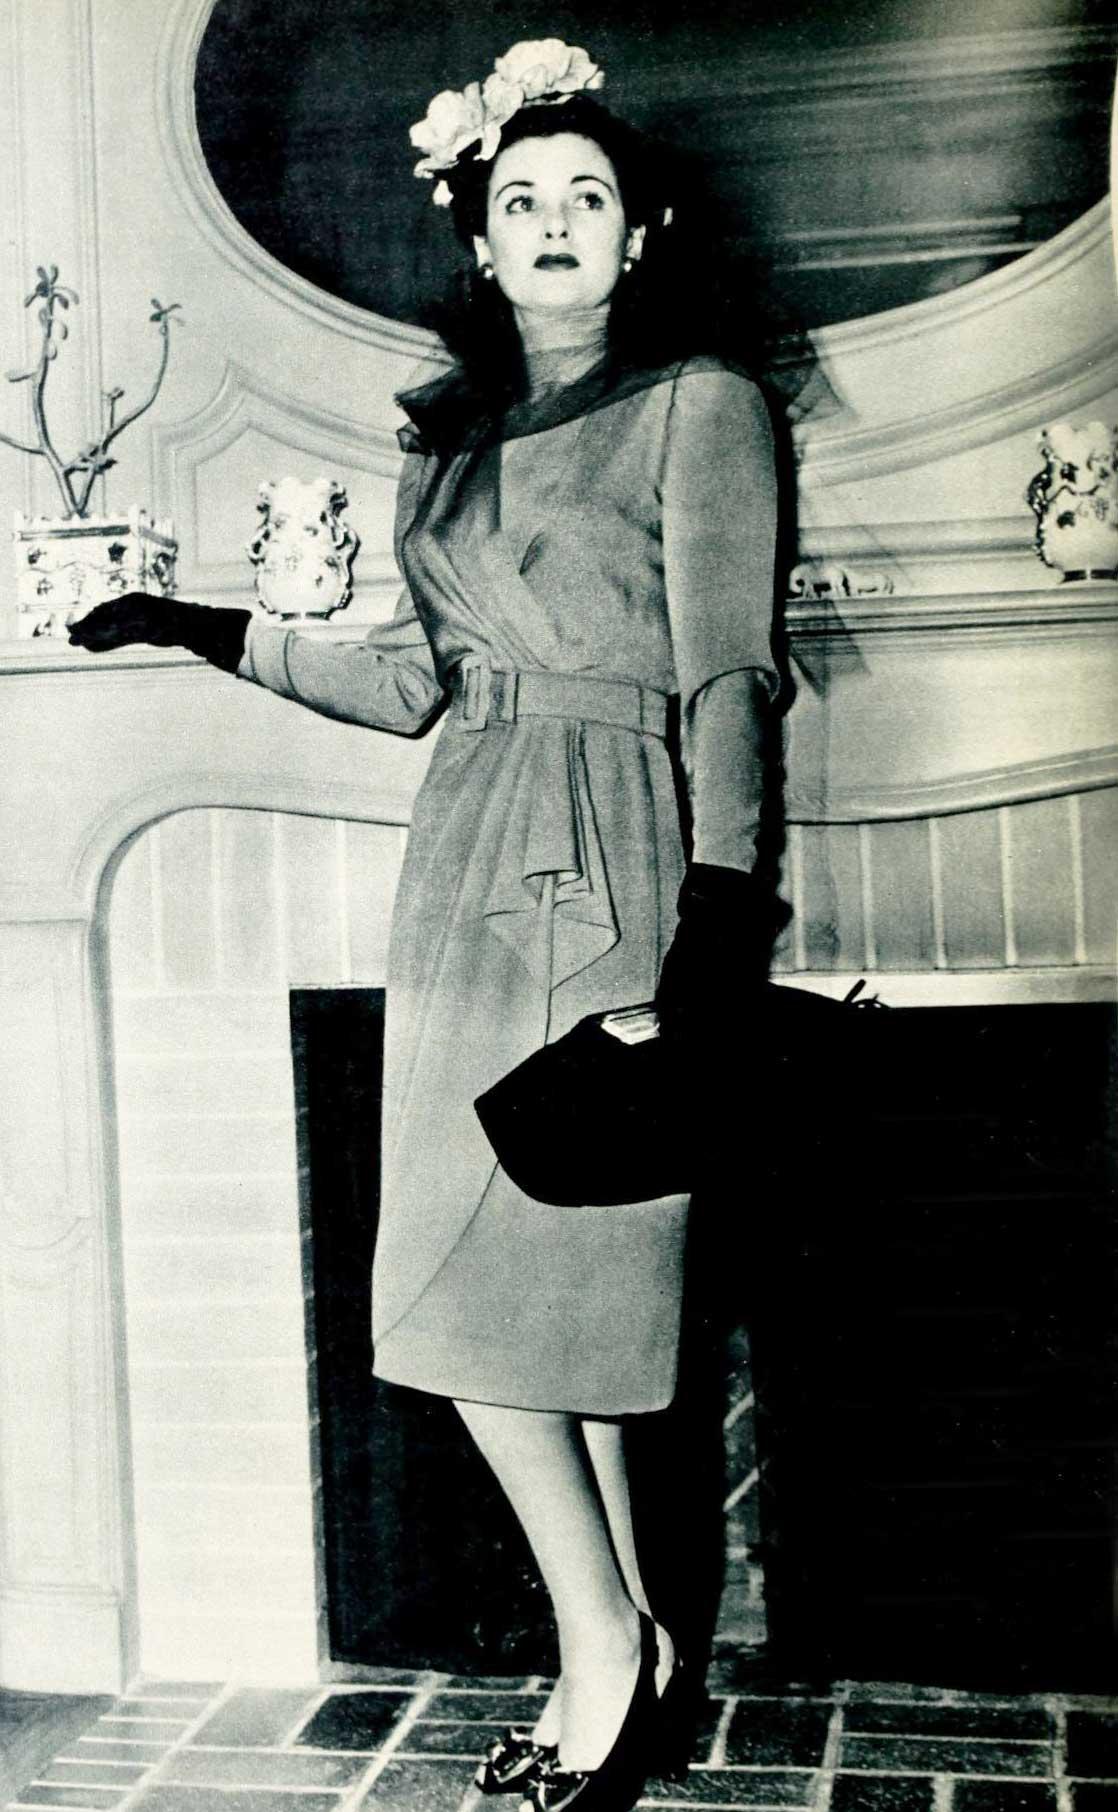 1940s Fashion Report